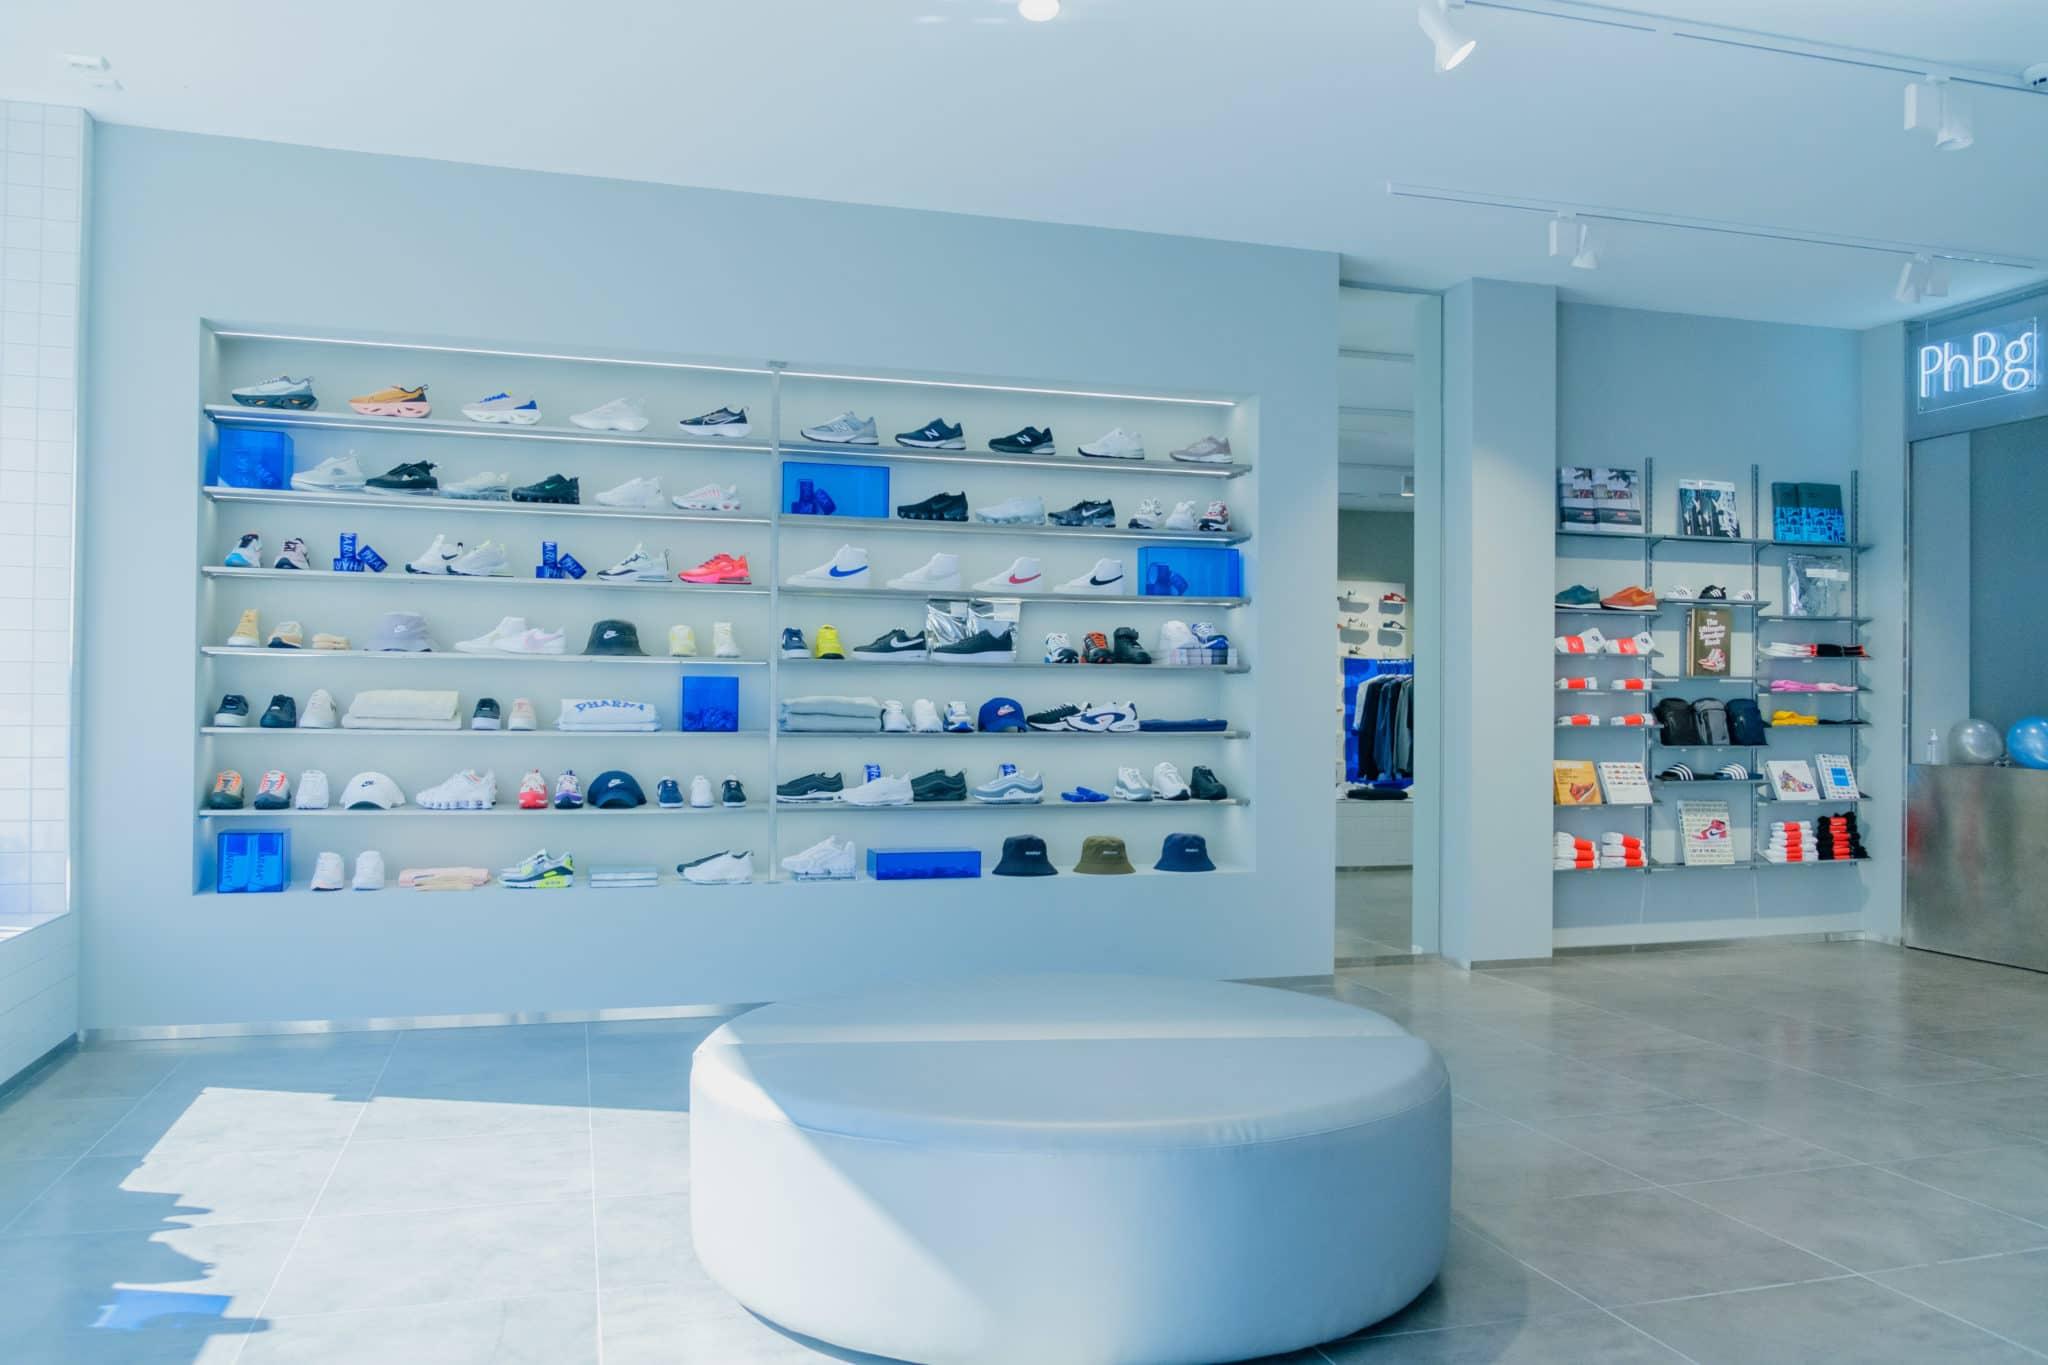 Pharma: Byens kuleste sneakers på resept